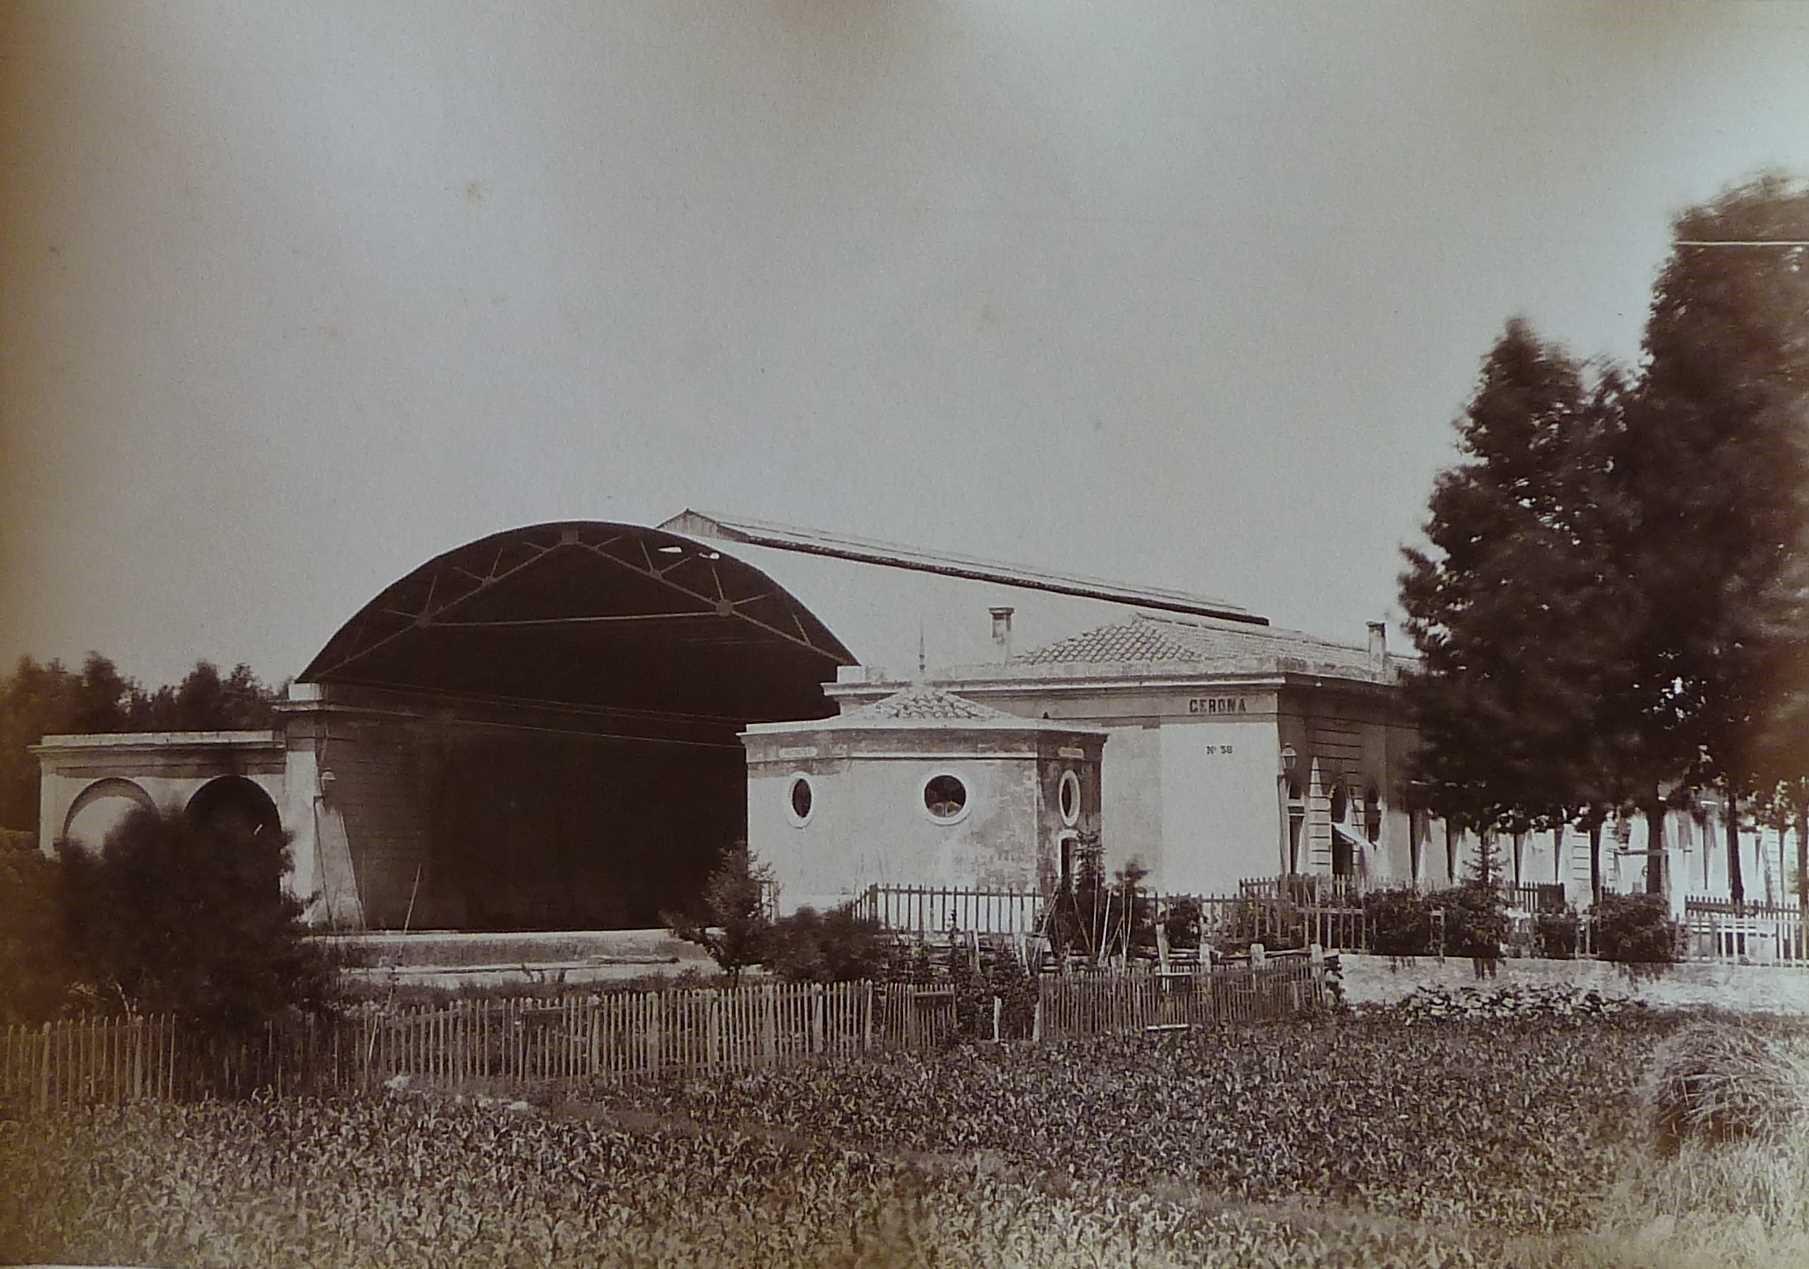 Estació de ferrocarril inaugurada l'any 1862